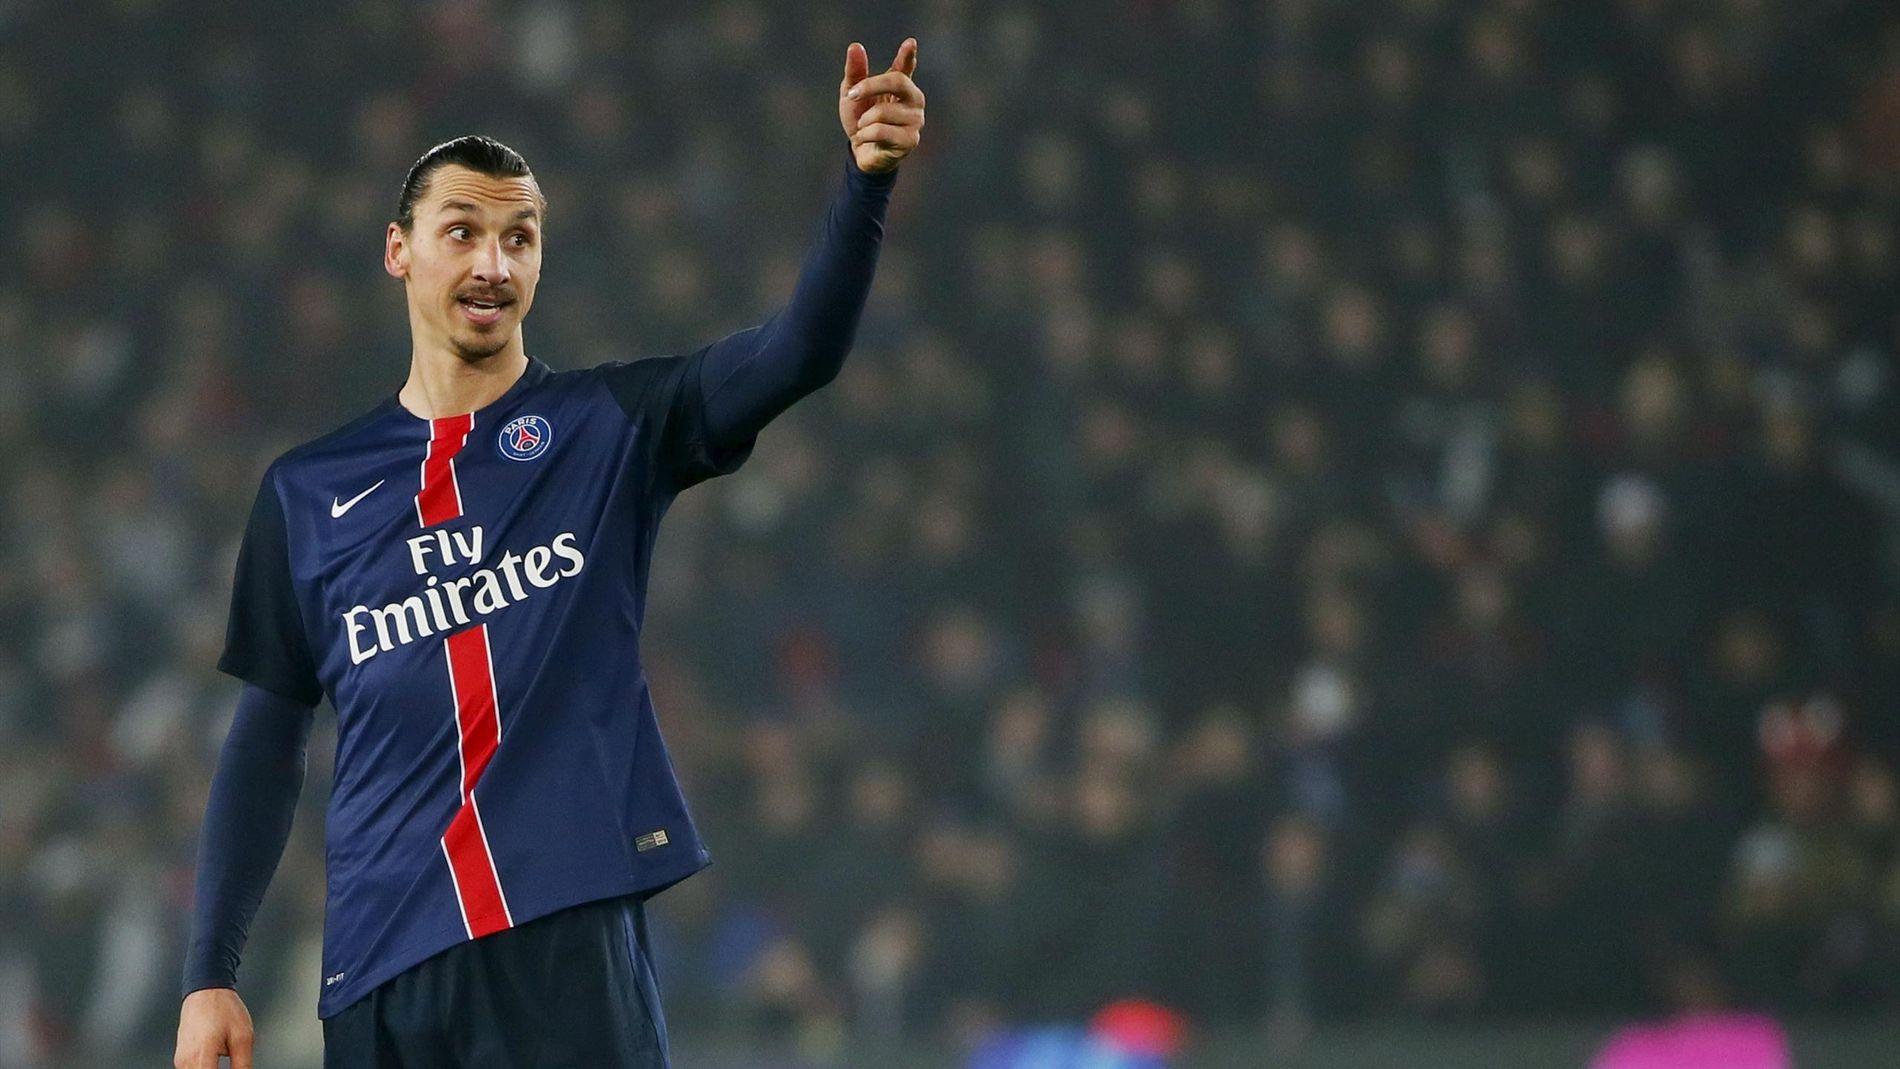 Le maillot de Lionel Messi roi des ventes aux États-Unis, Zlatan Ibrahimovic sixième